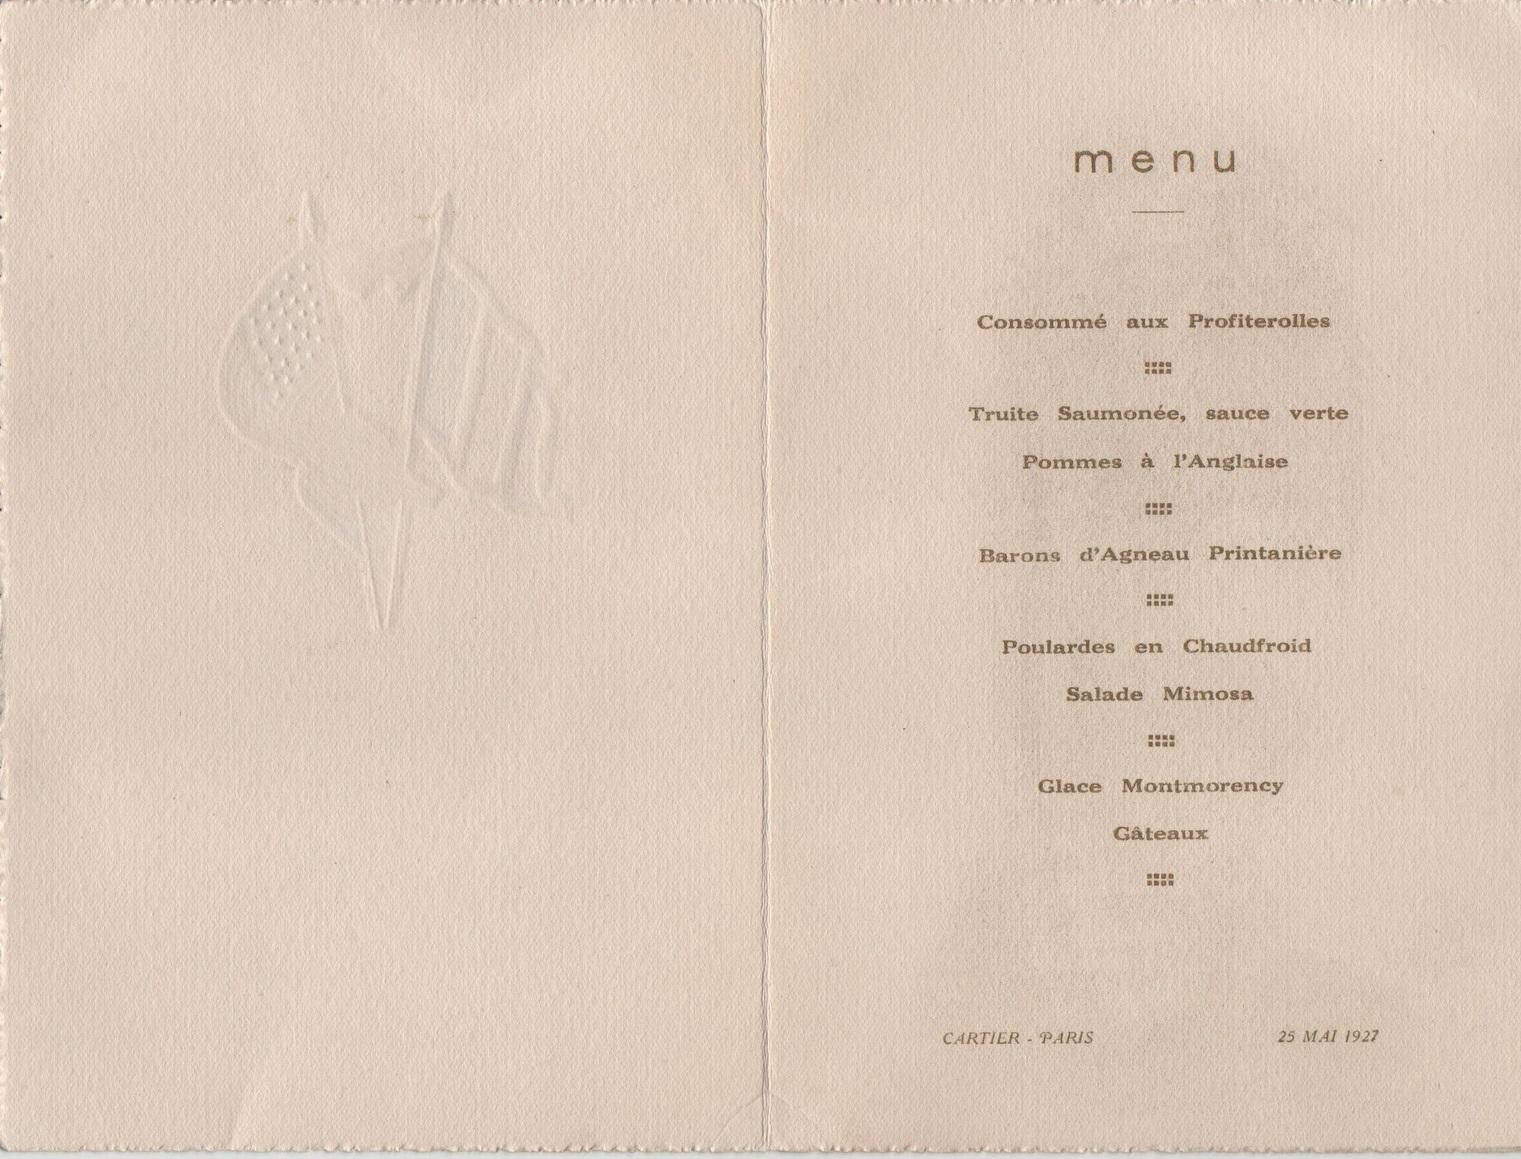 1927-05-25 - Menu dédicacé par Charles LINDBERGH à Paris le 25 mai 1927, également signé par l'ambassadeur des Etats-Unis en France, Myron T. HERRICK et le Maréchal LYAUTEY